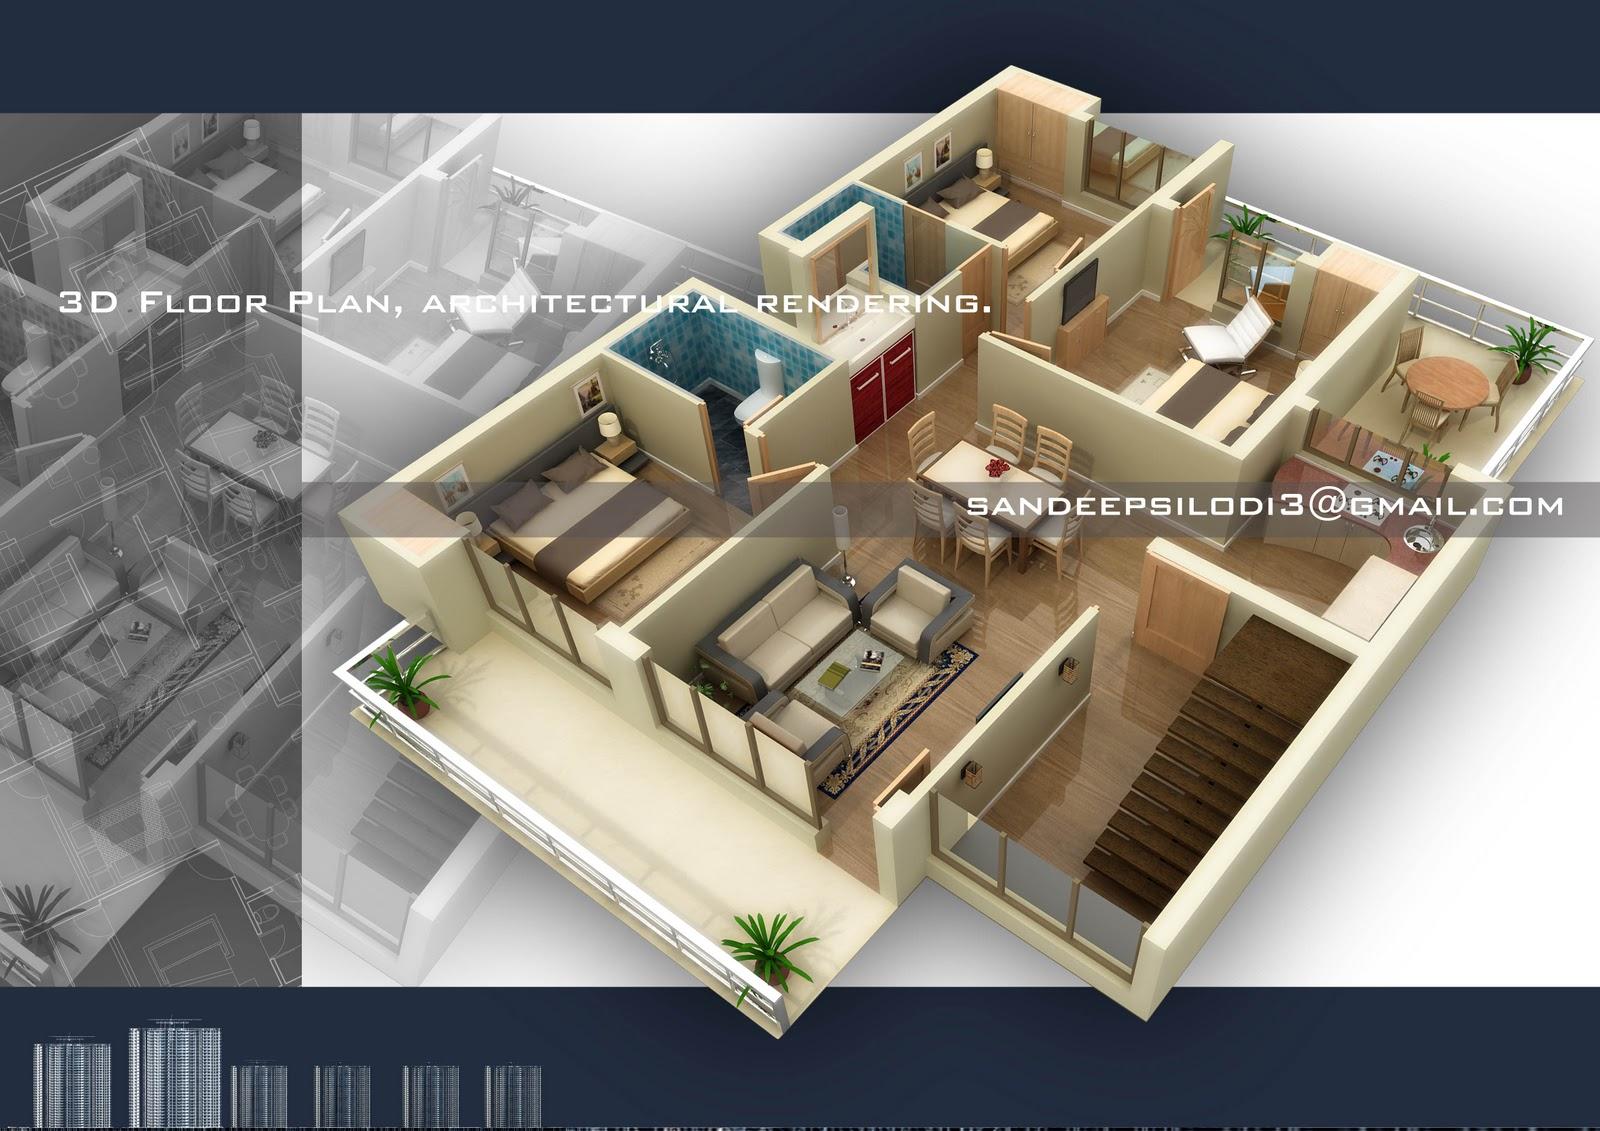 Sandeep silodi 3d floor plan rendering for 3d floor plan rendering